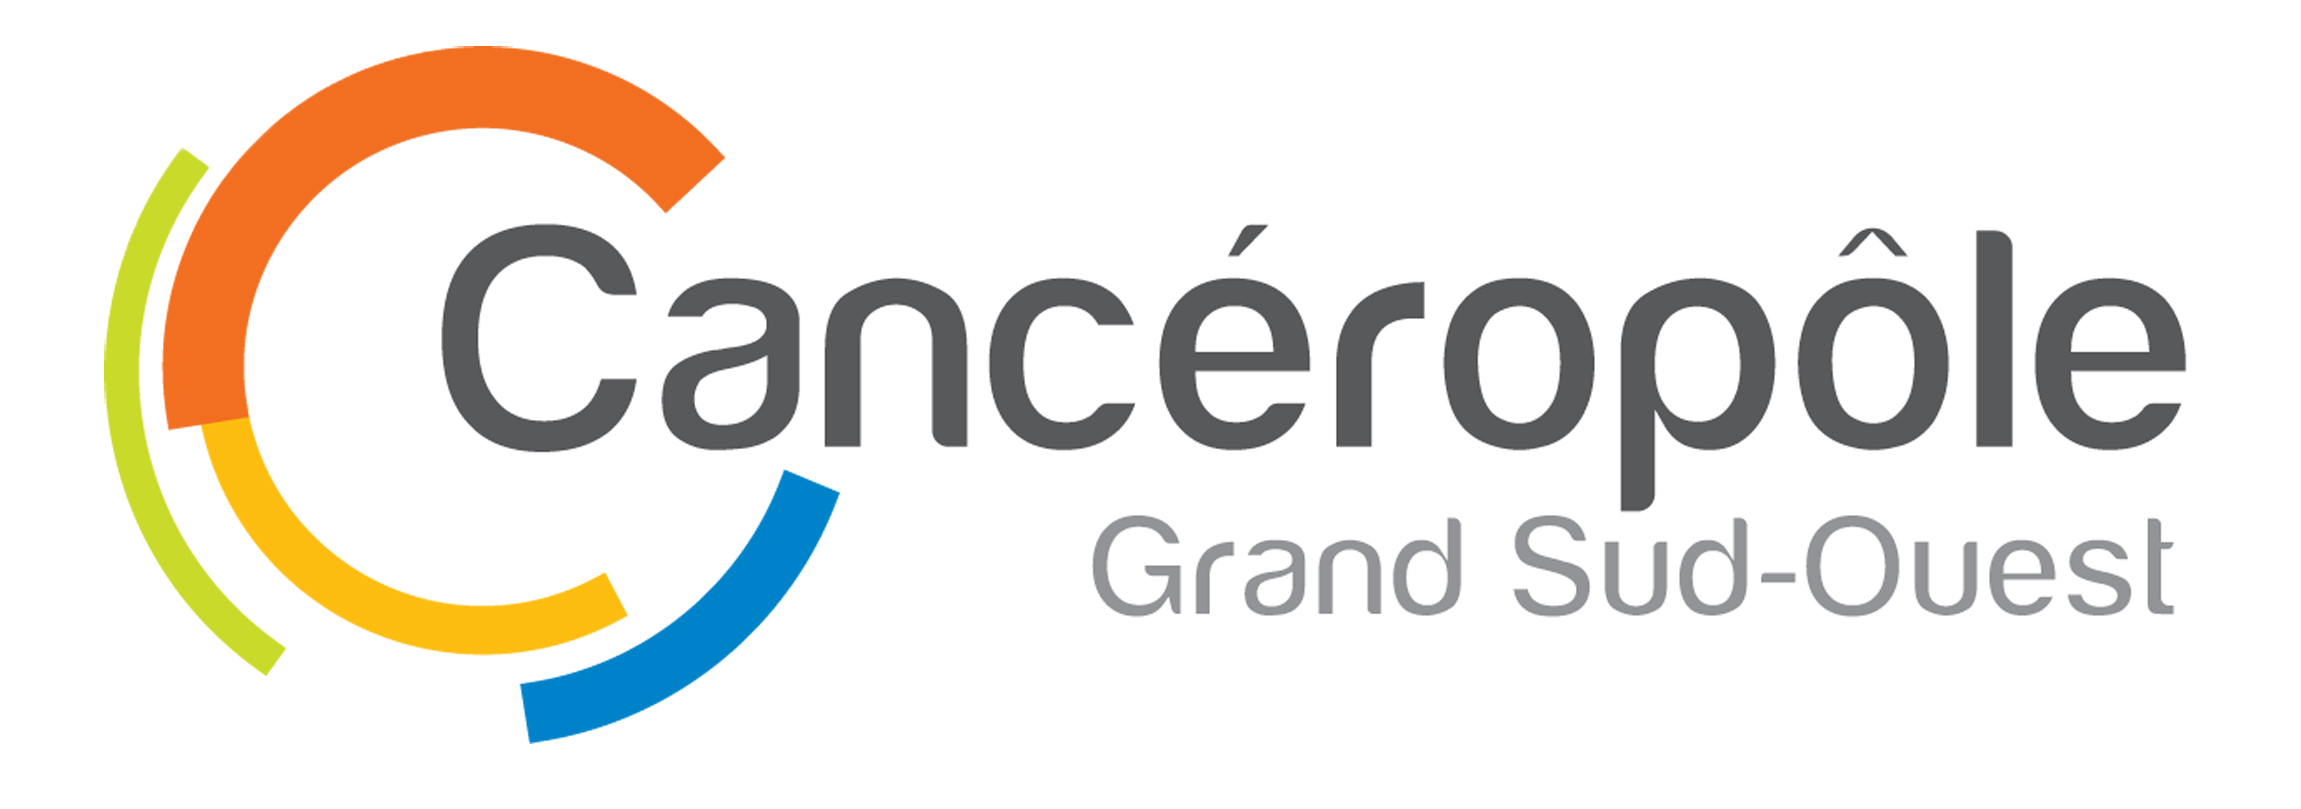 Canceropole